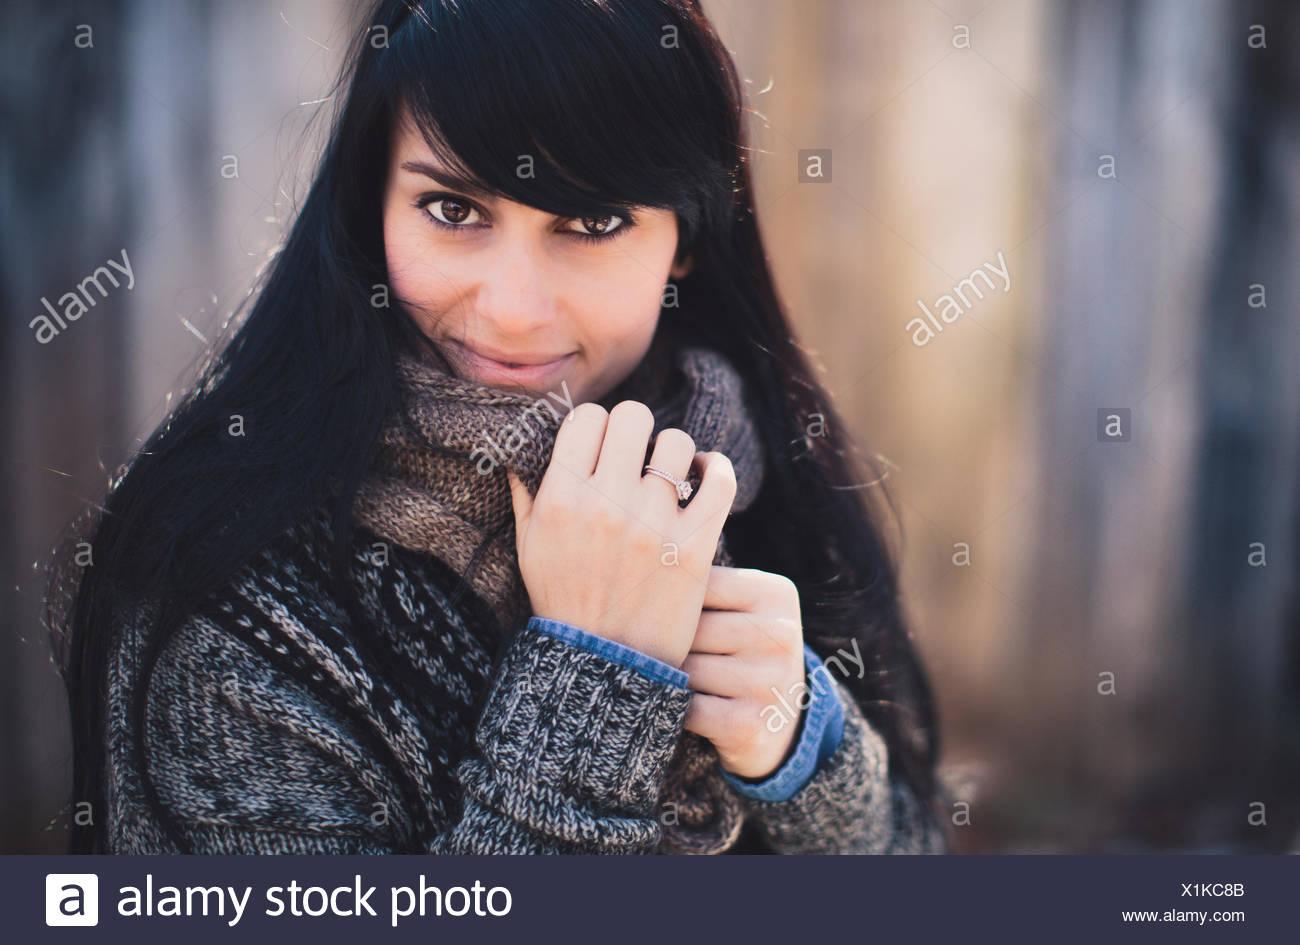 Stati Uniti d'America, Tennessee, Ritratto di giovane e bella donna in inverno Immagini Stock